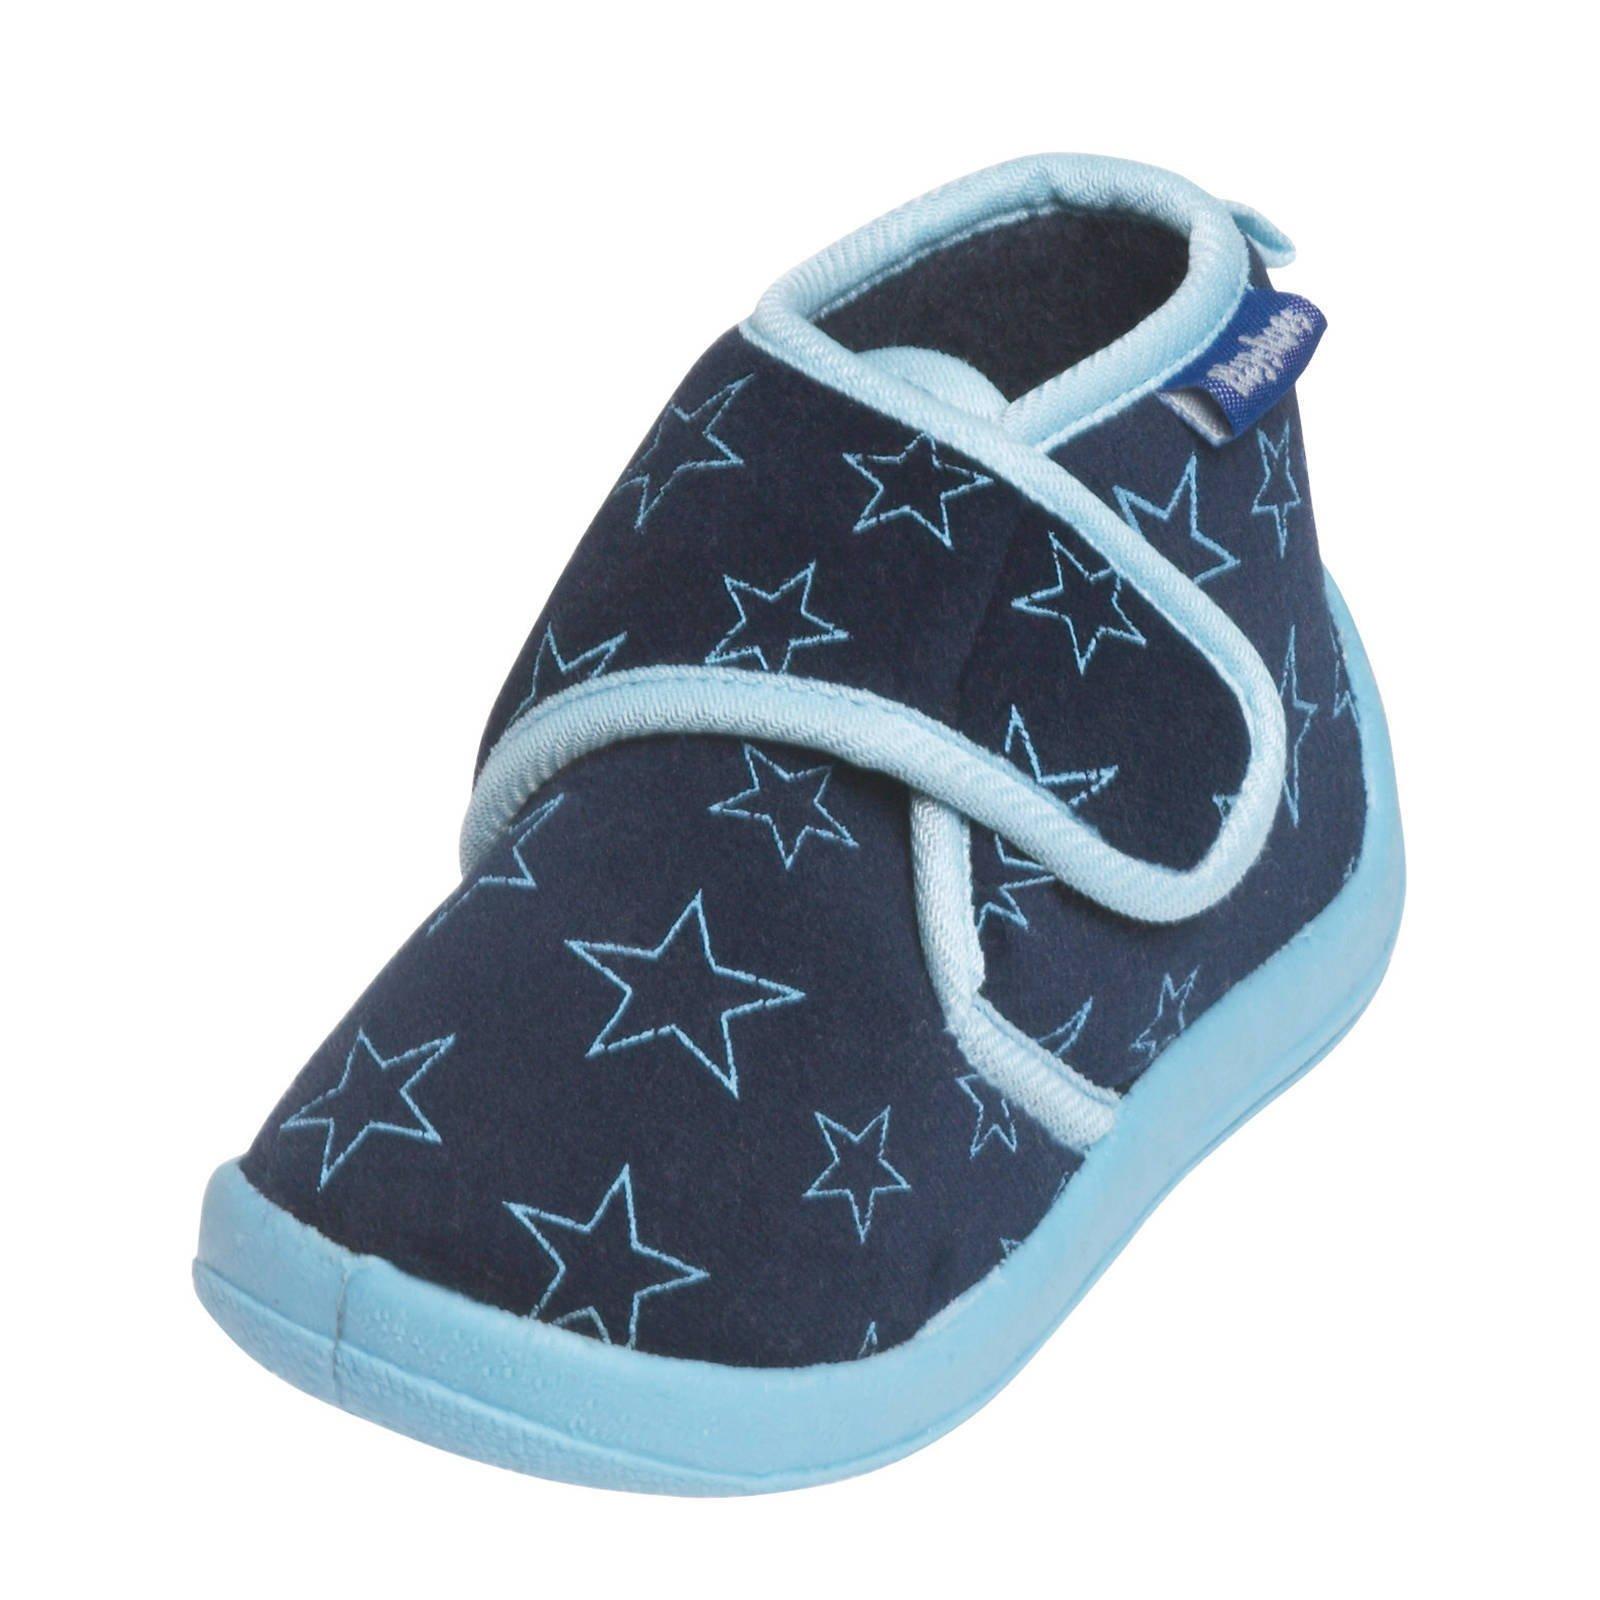 Playshoes pantoffels met sterrendessin Velcro donkerblauw/lichtblauw online kopen